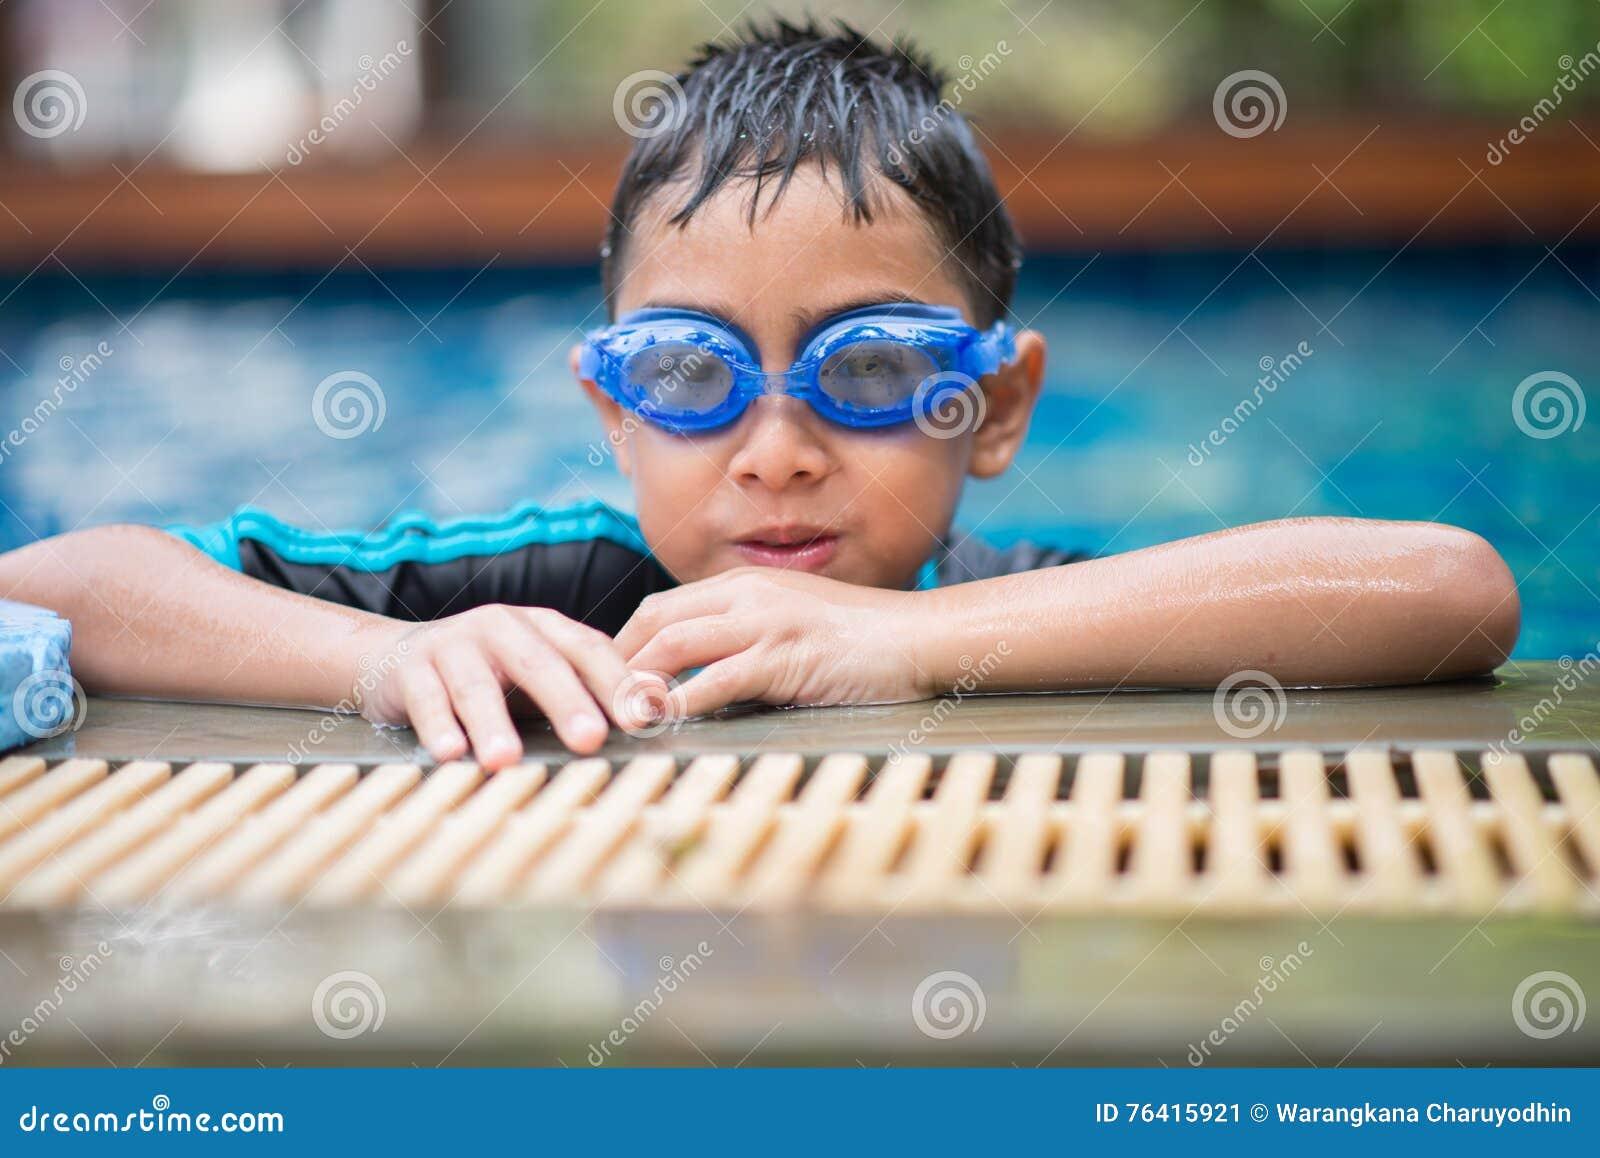 Меньшее заплывание мальчика смешивания азиатское арабское на мероприятиях на свежем воздухе бассейна